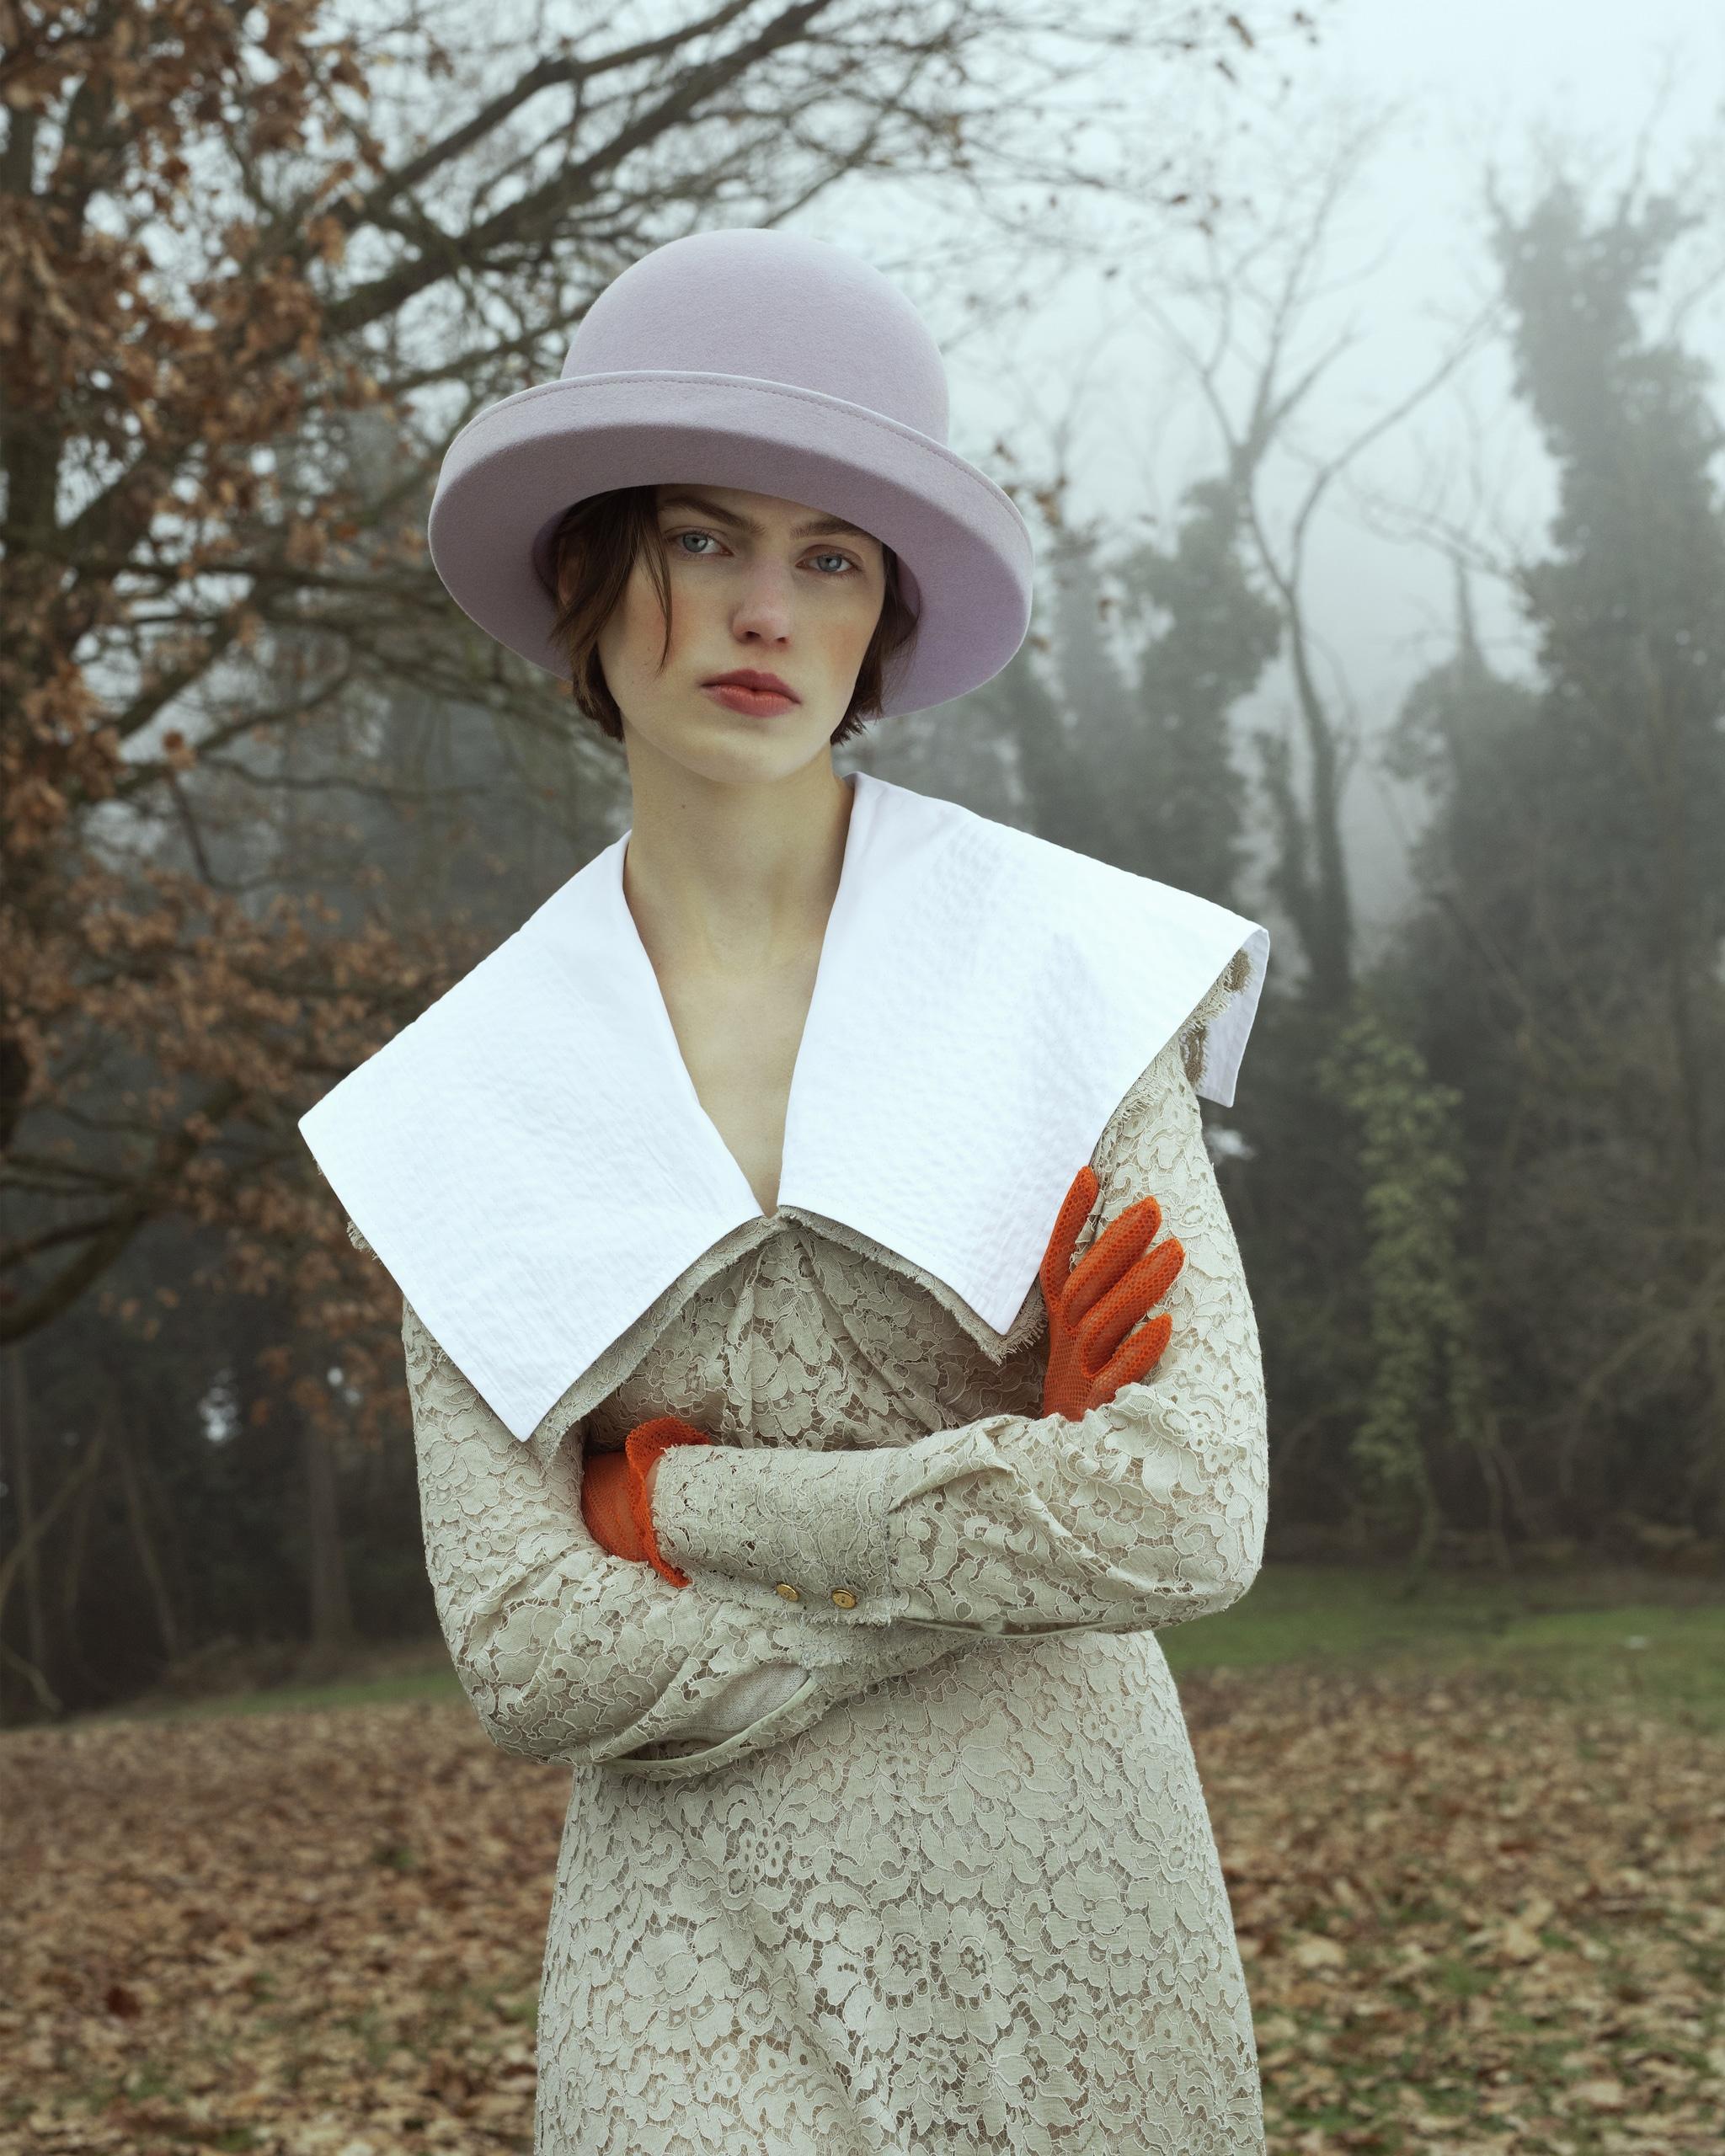 Maxi abito in pizzo con cintura e colletto bianco staccabile (1.900 €) e abito in mohair estivo (495 €), tutto PATOU. Cappello in panno di lana, NINA RICCI (790 €) e guanti in rete puntino con arricciatura al polso, ALPO (40 €).